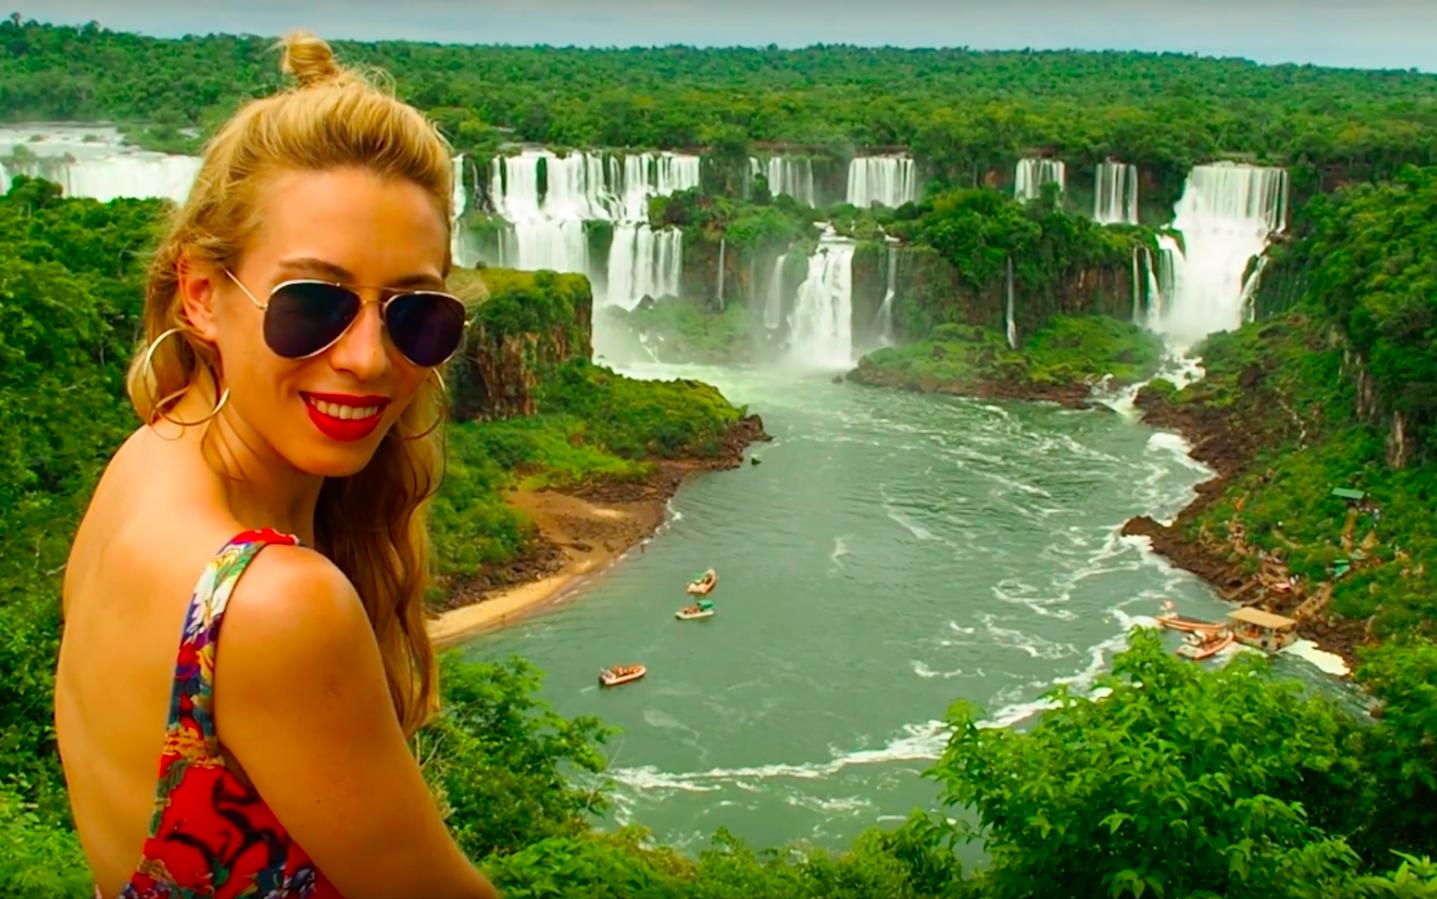 Mój filmik z wyprawy do Ameryki Południowej